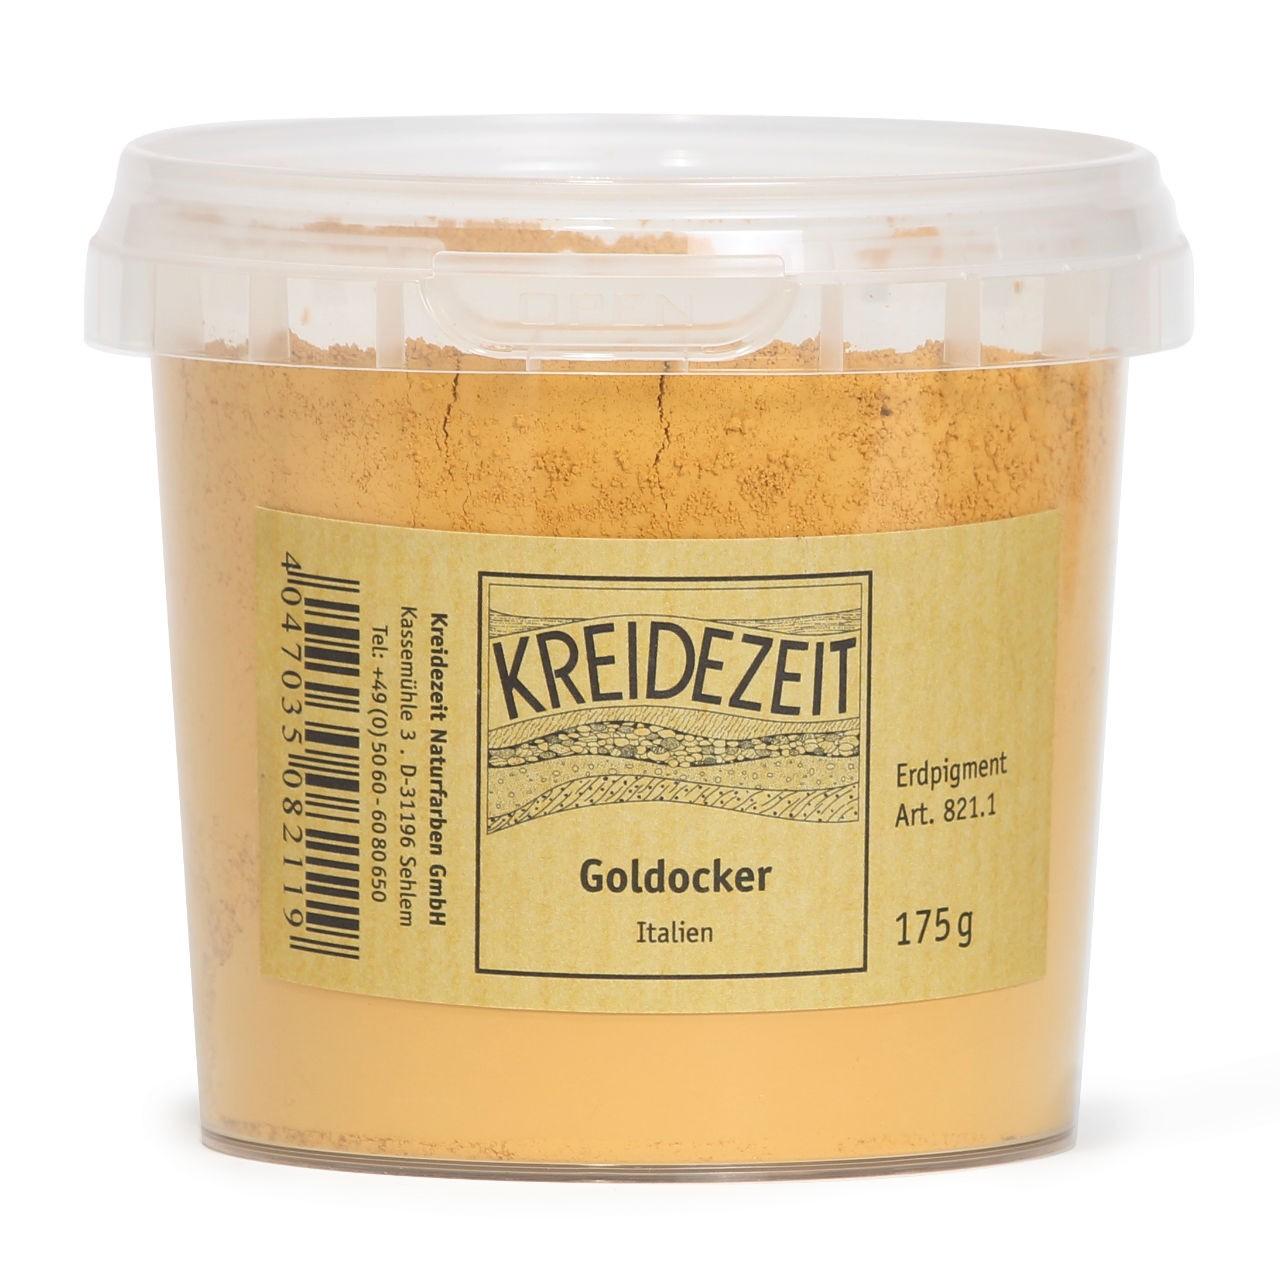 Farbe Ocker Kombinieren Goldocker Farbe Ocker Kombinieren ...